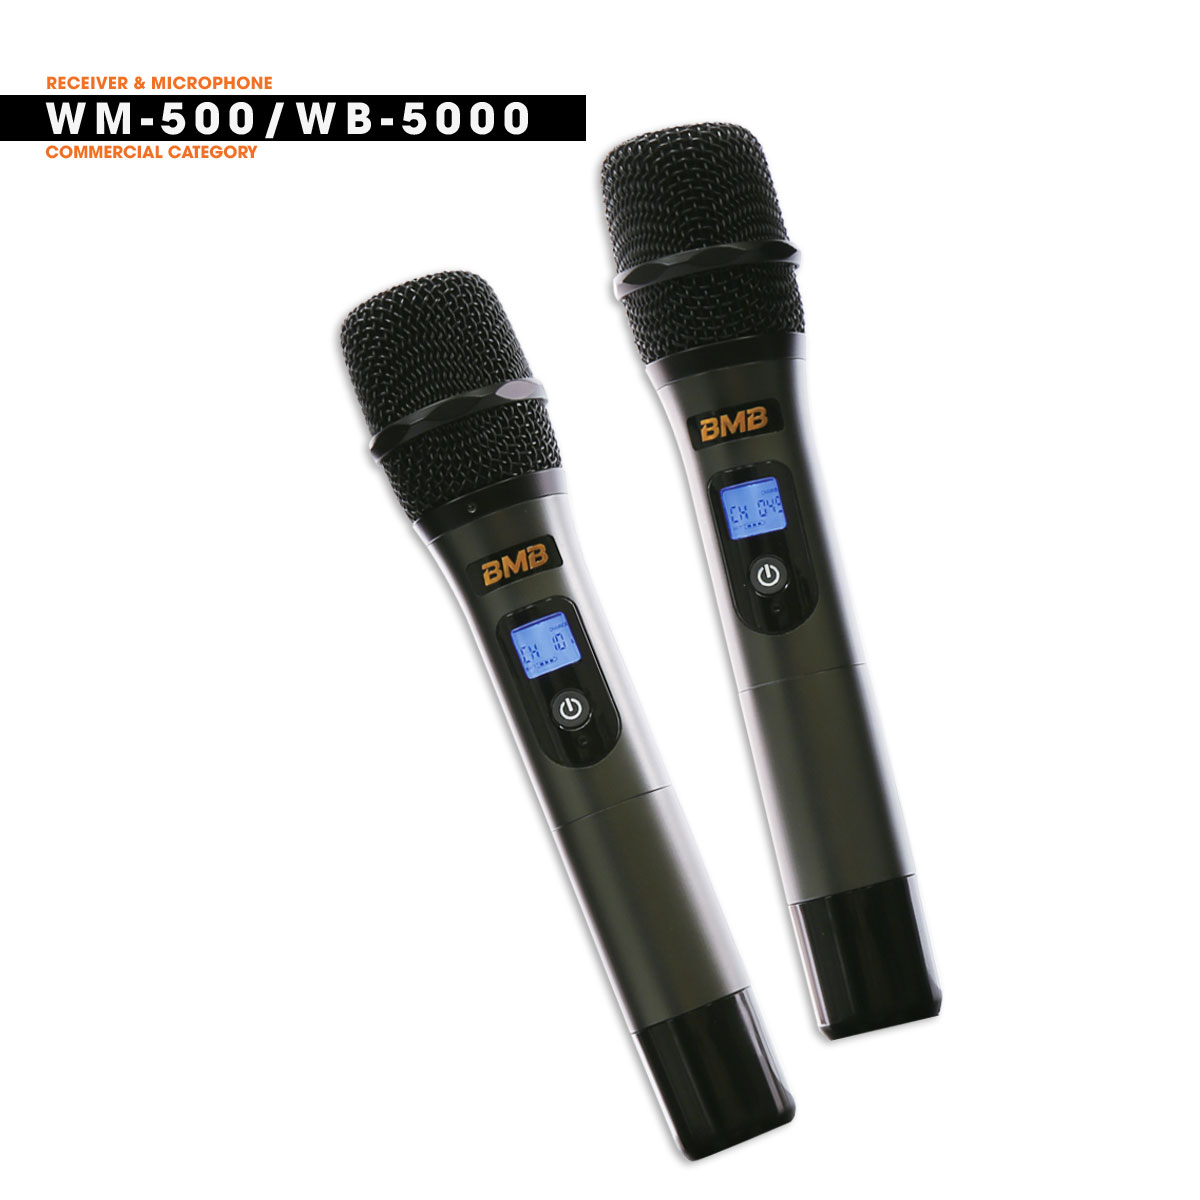 MICRO BMB WB-5000